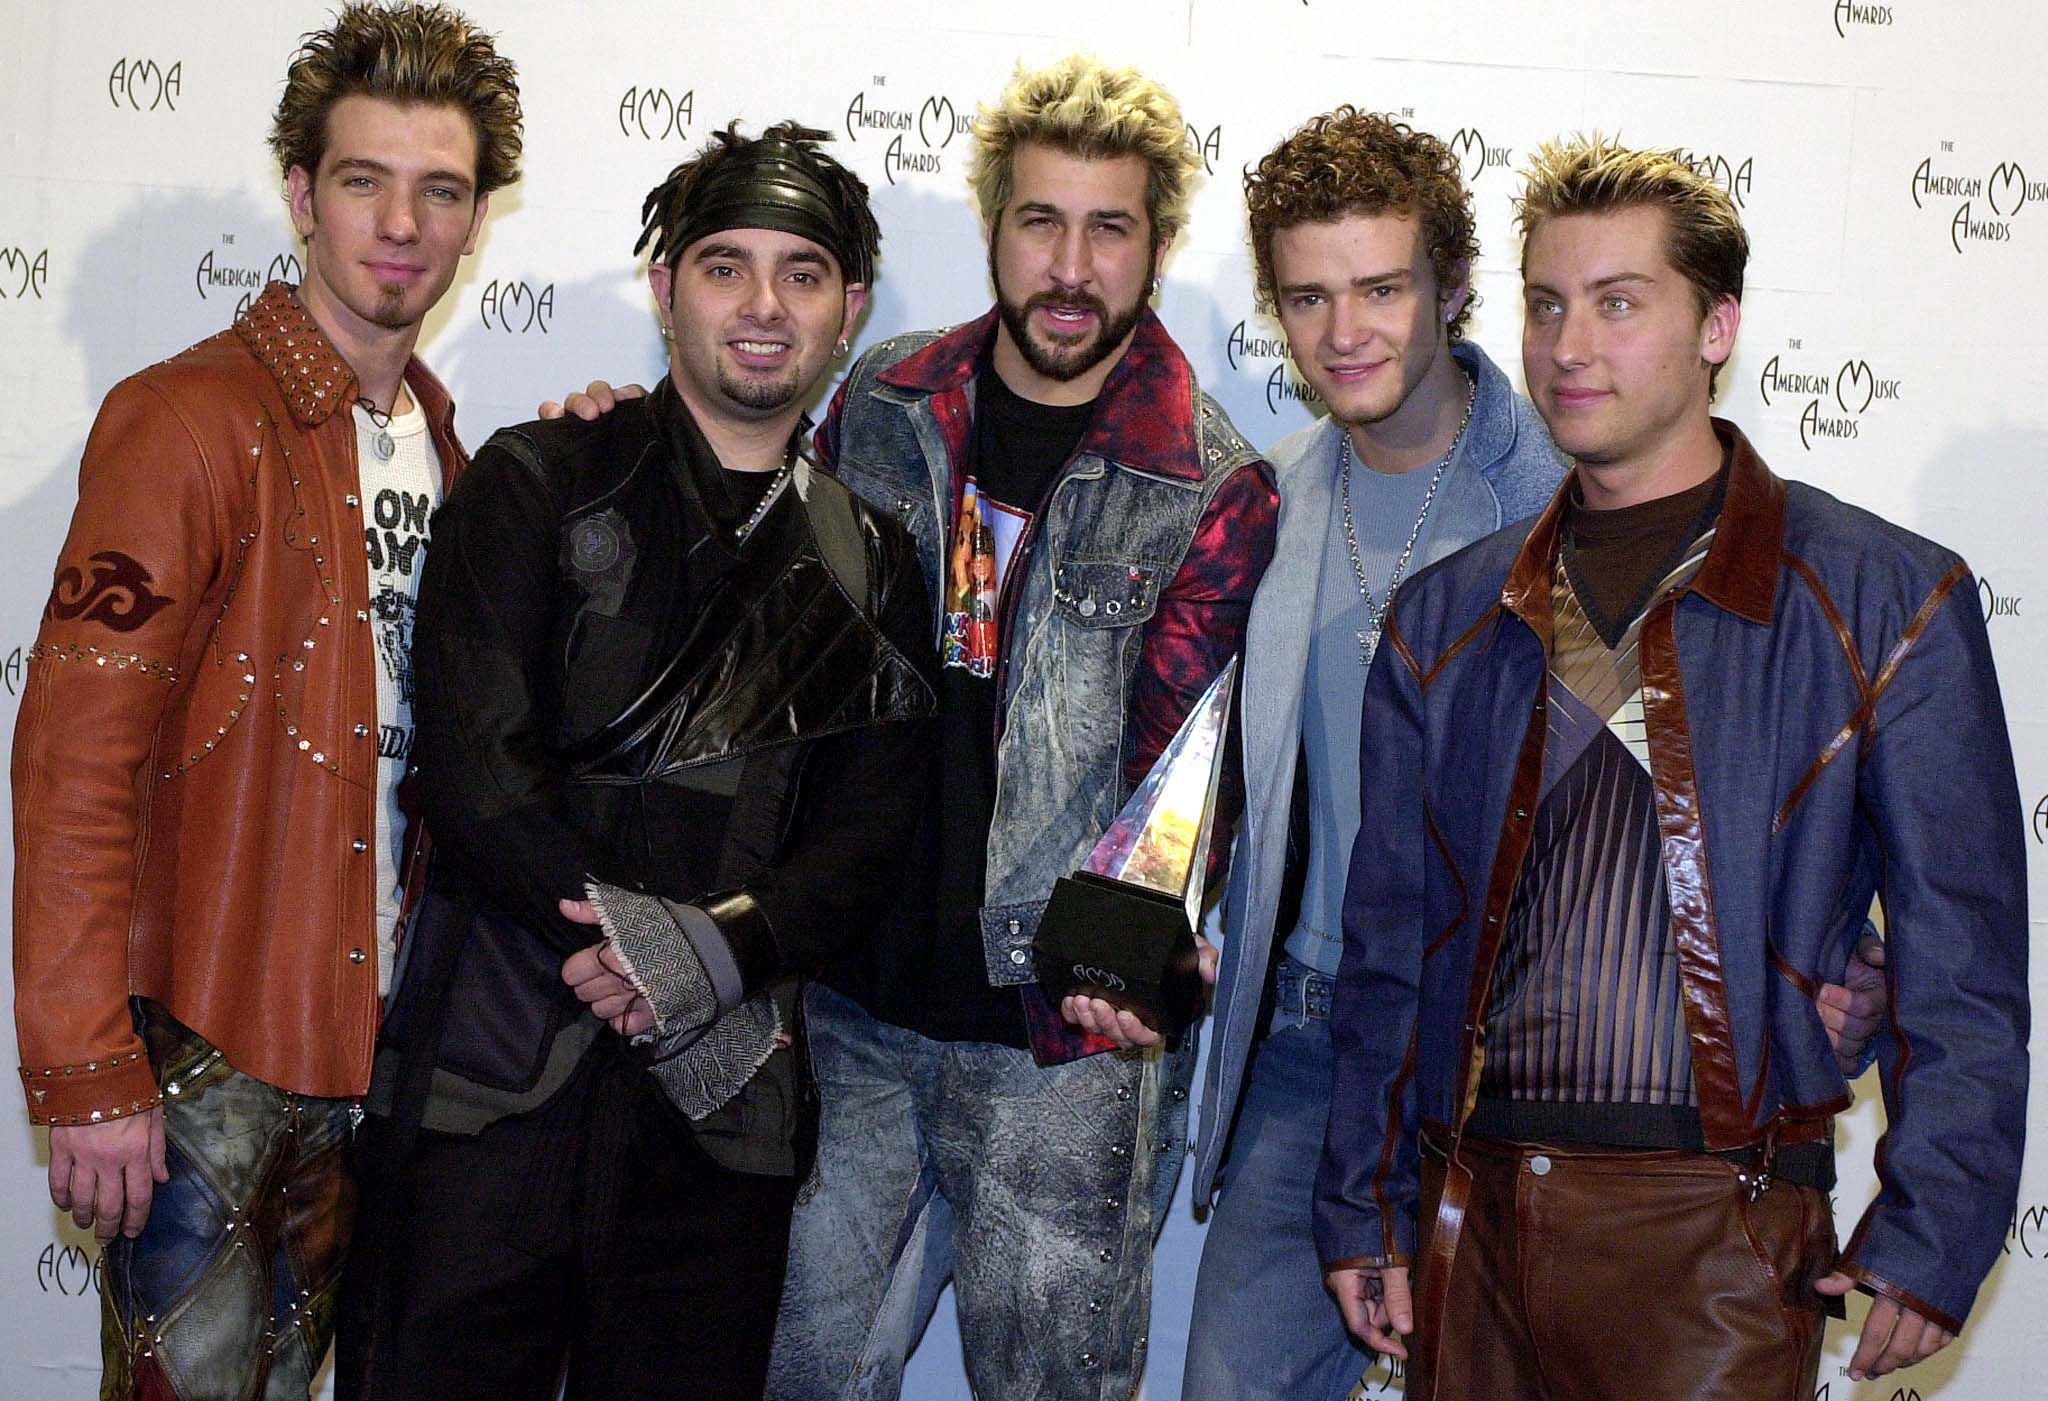 Le 5 boyband che hanno fatto impazzire le ragazzine negli anni '90 (FOTO)